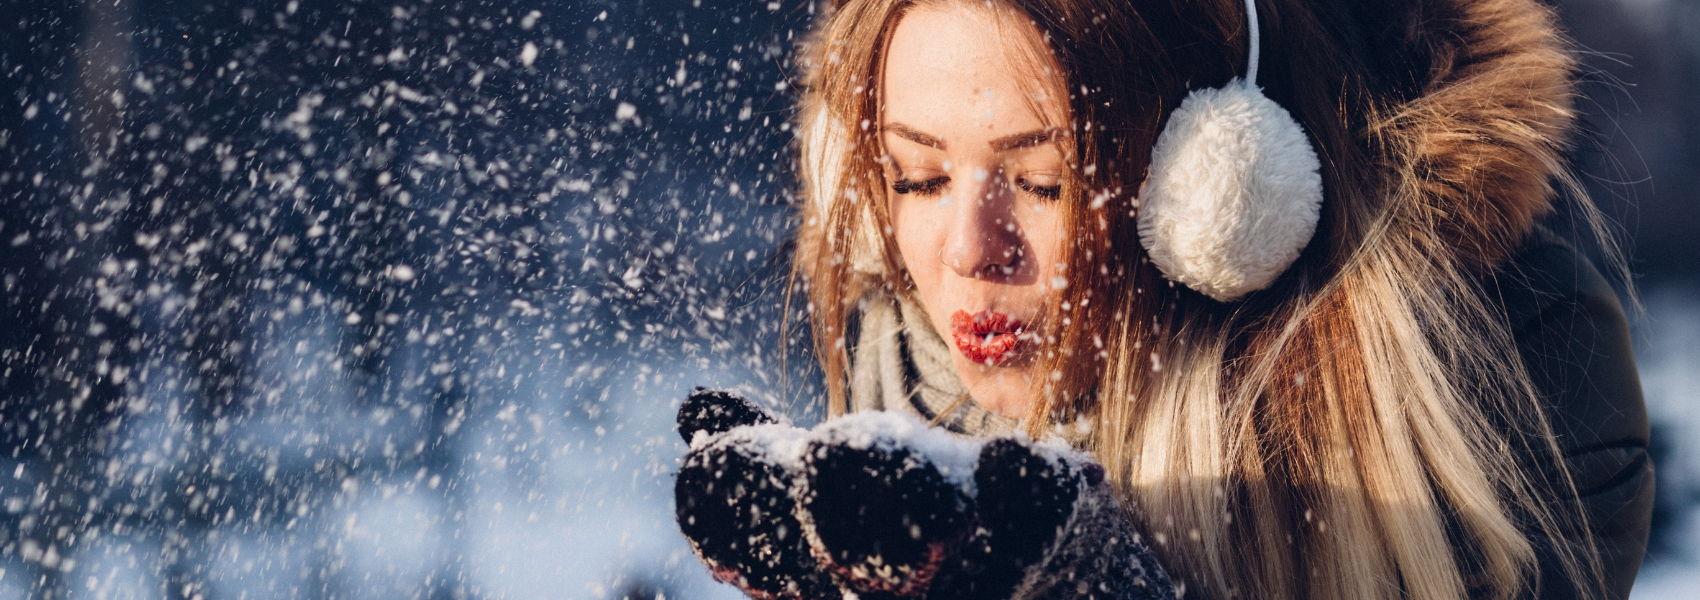 A melhor forma de proteger os ouvidos no inverno